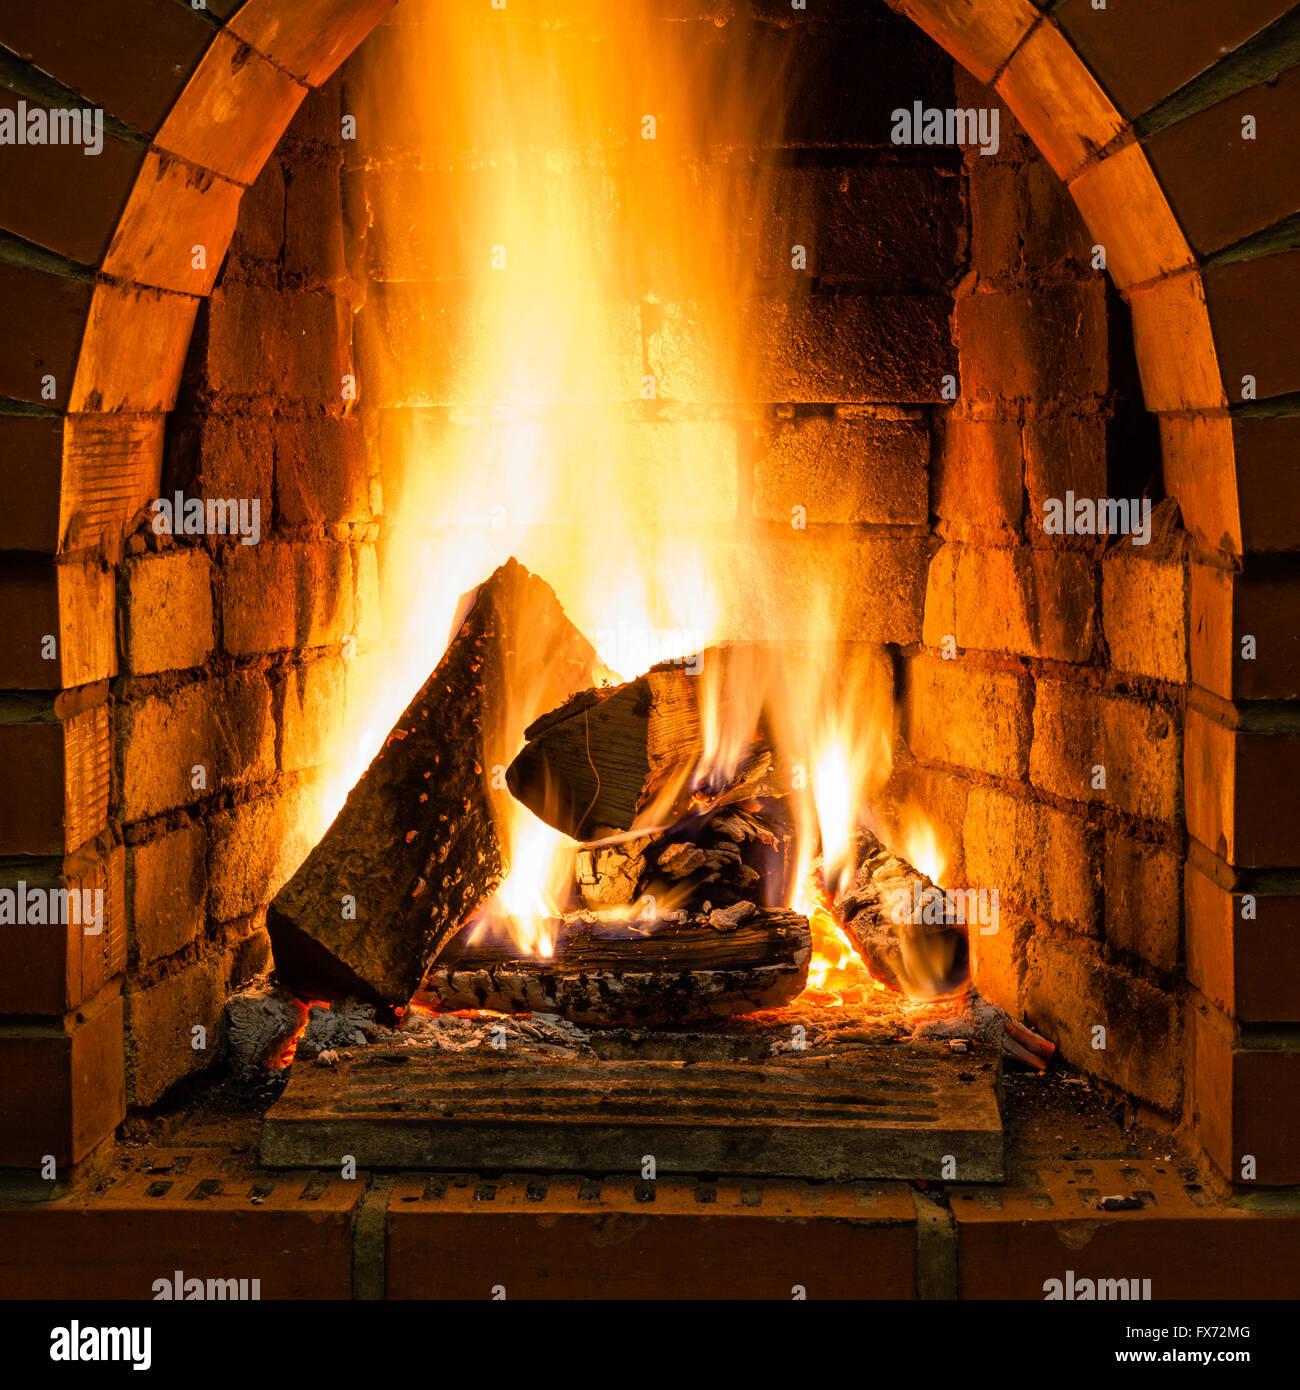 Offenes Feuer Im Feuerraum Des Gemauerten Kamin Im Landhaus